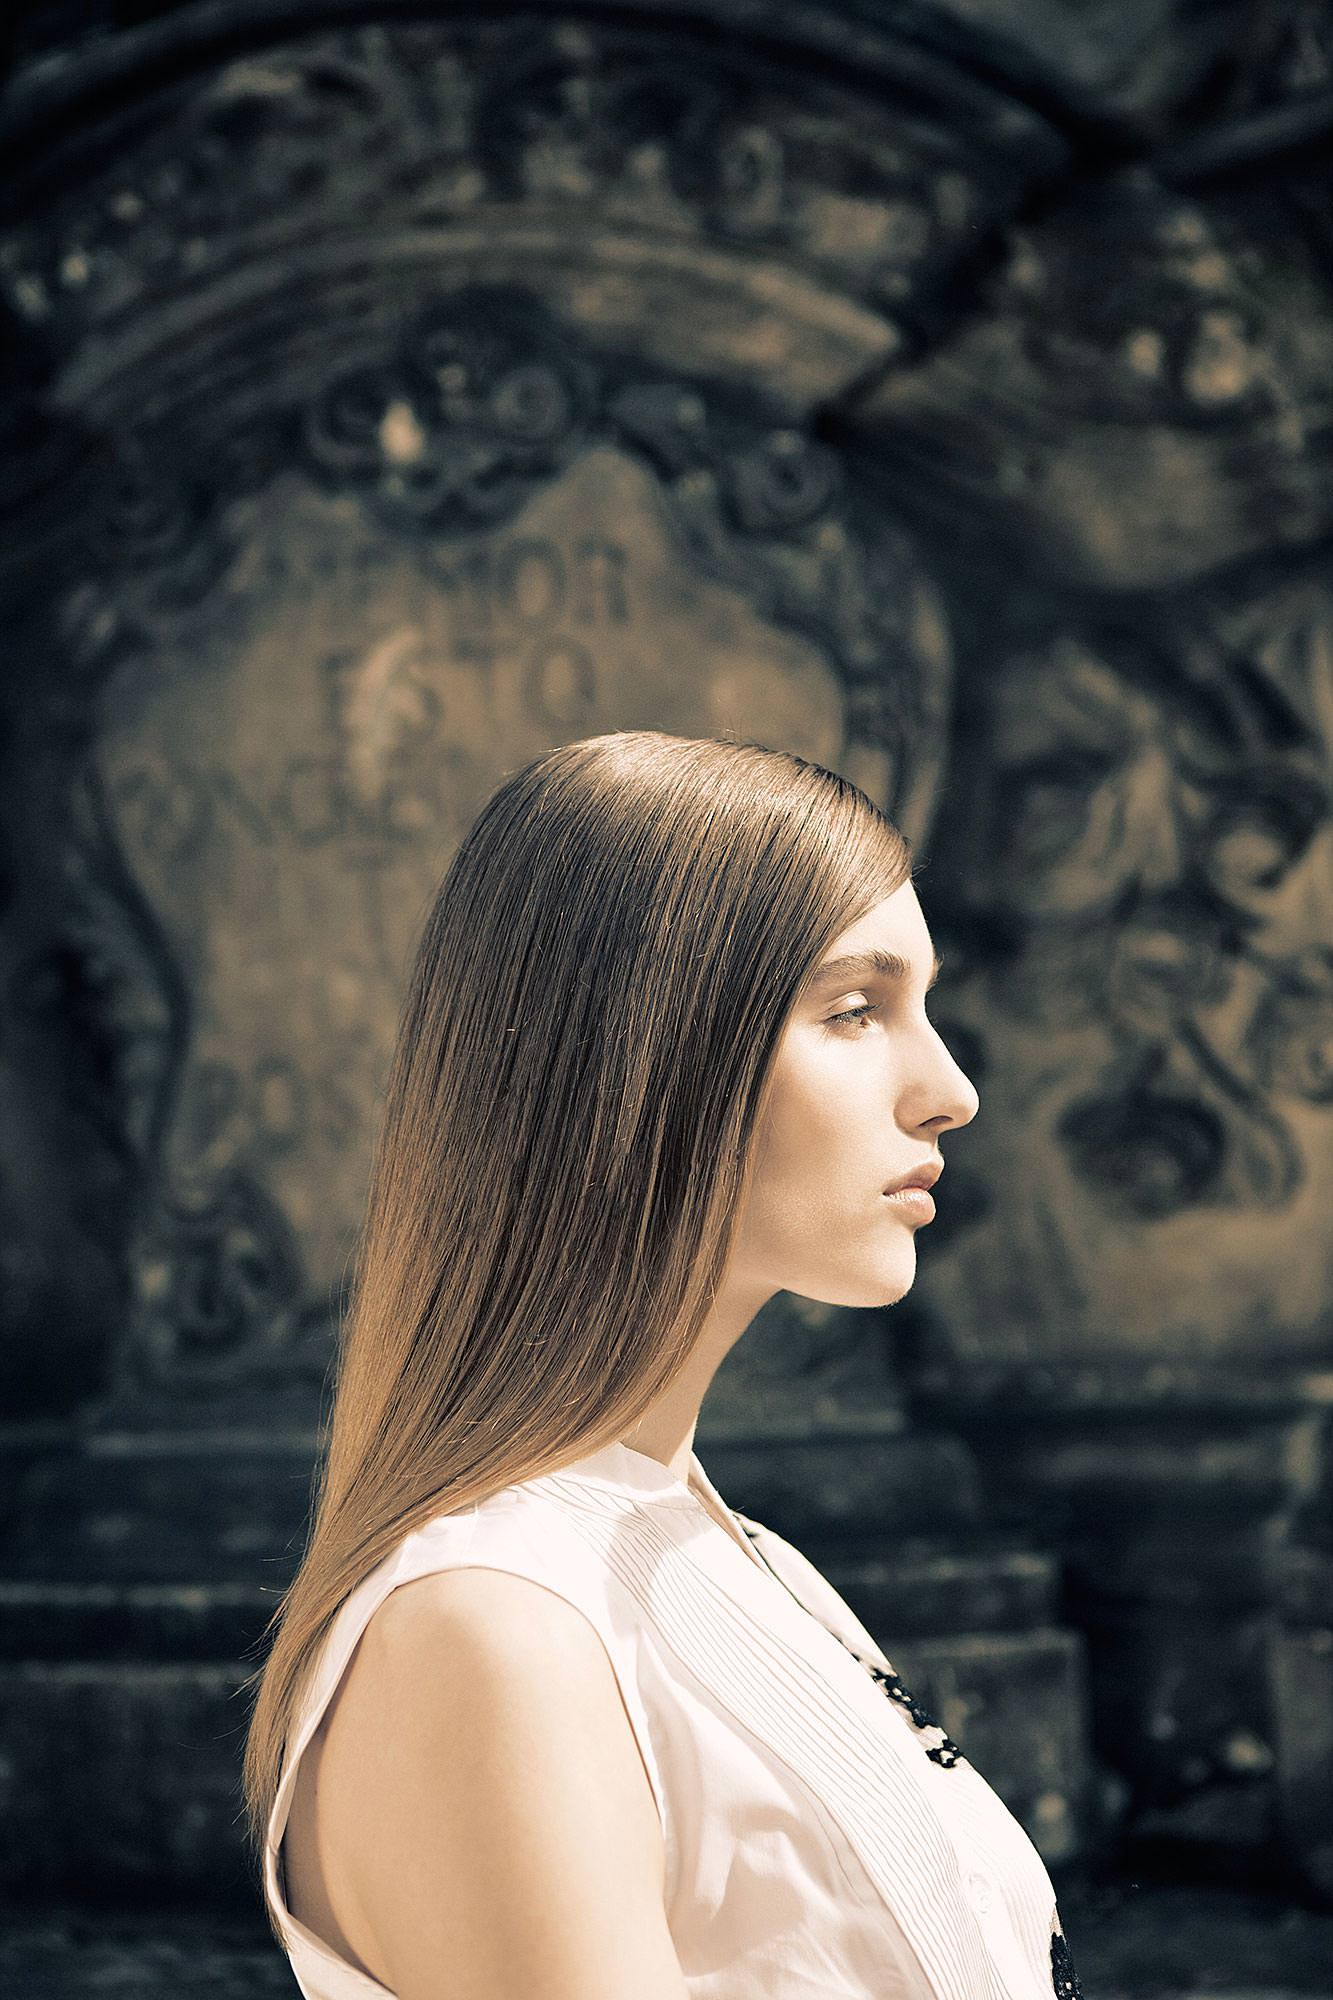 Hairstyle female Model Brunette